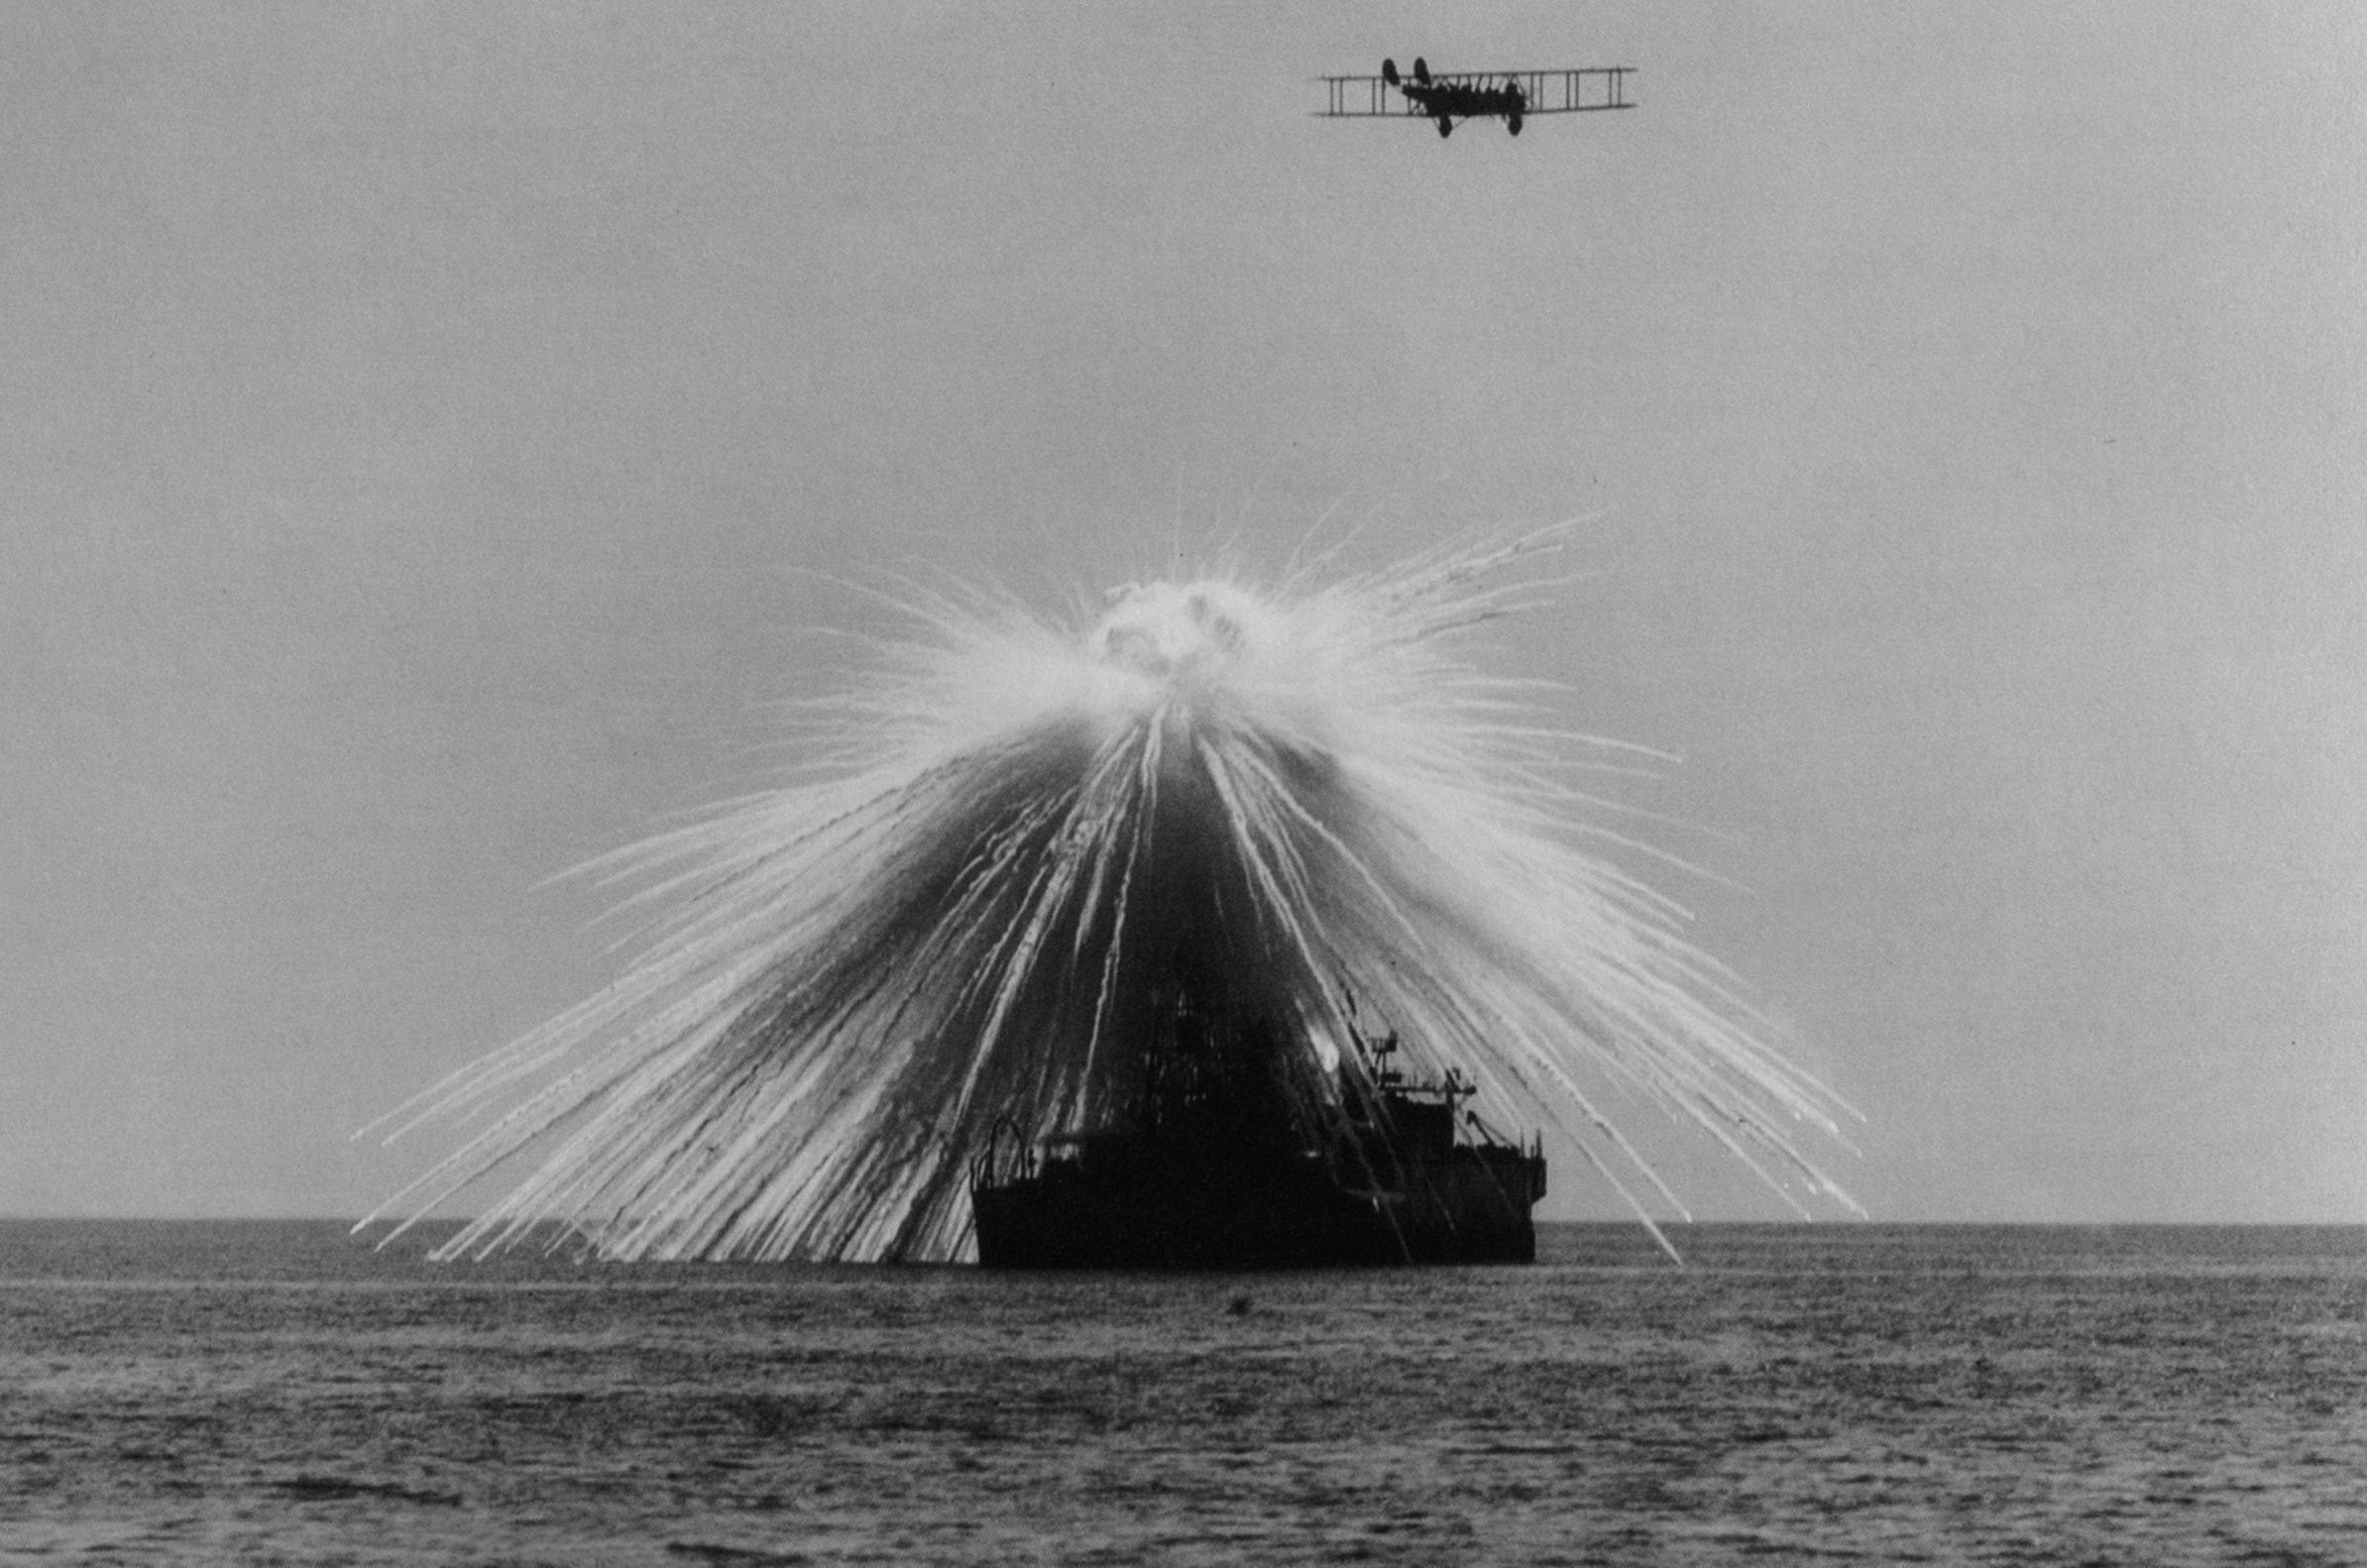 Bombing of the USS Alabama